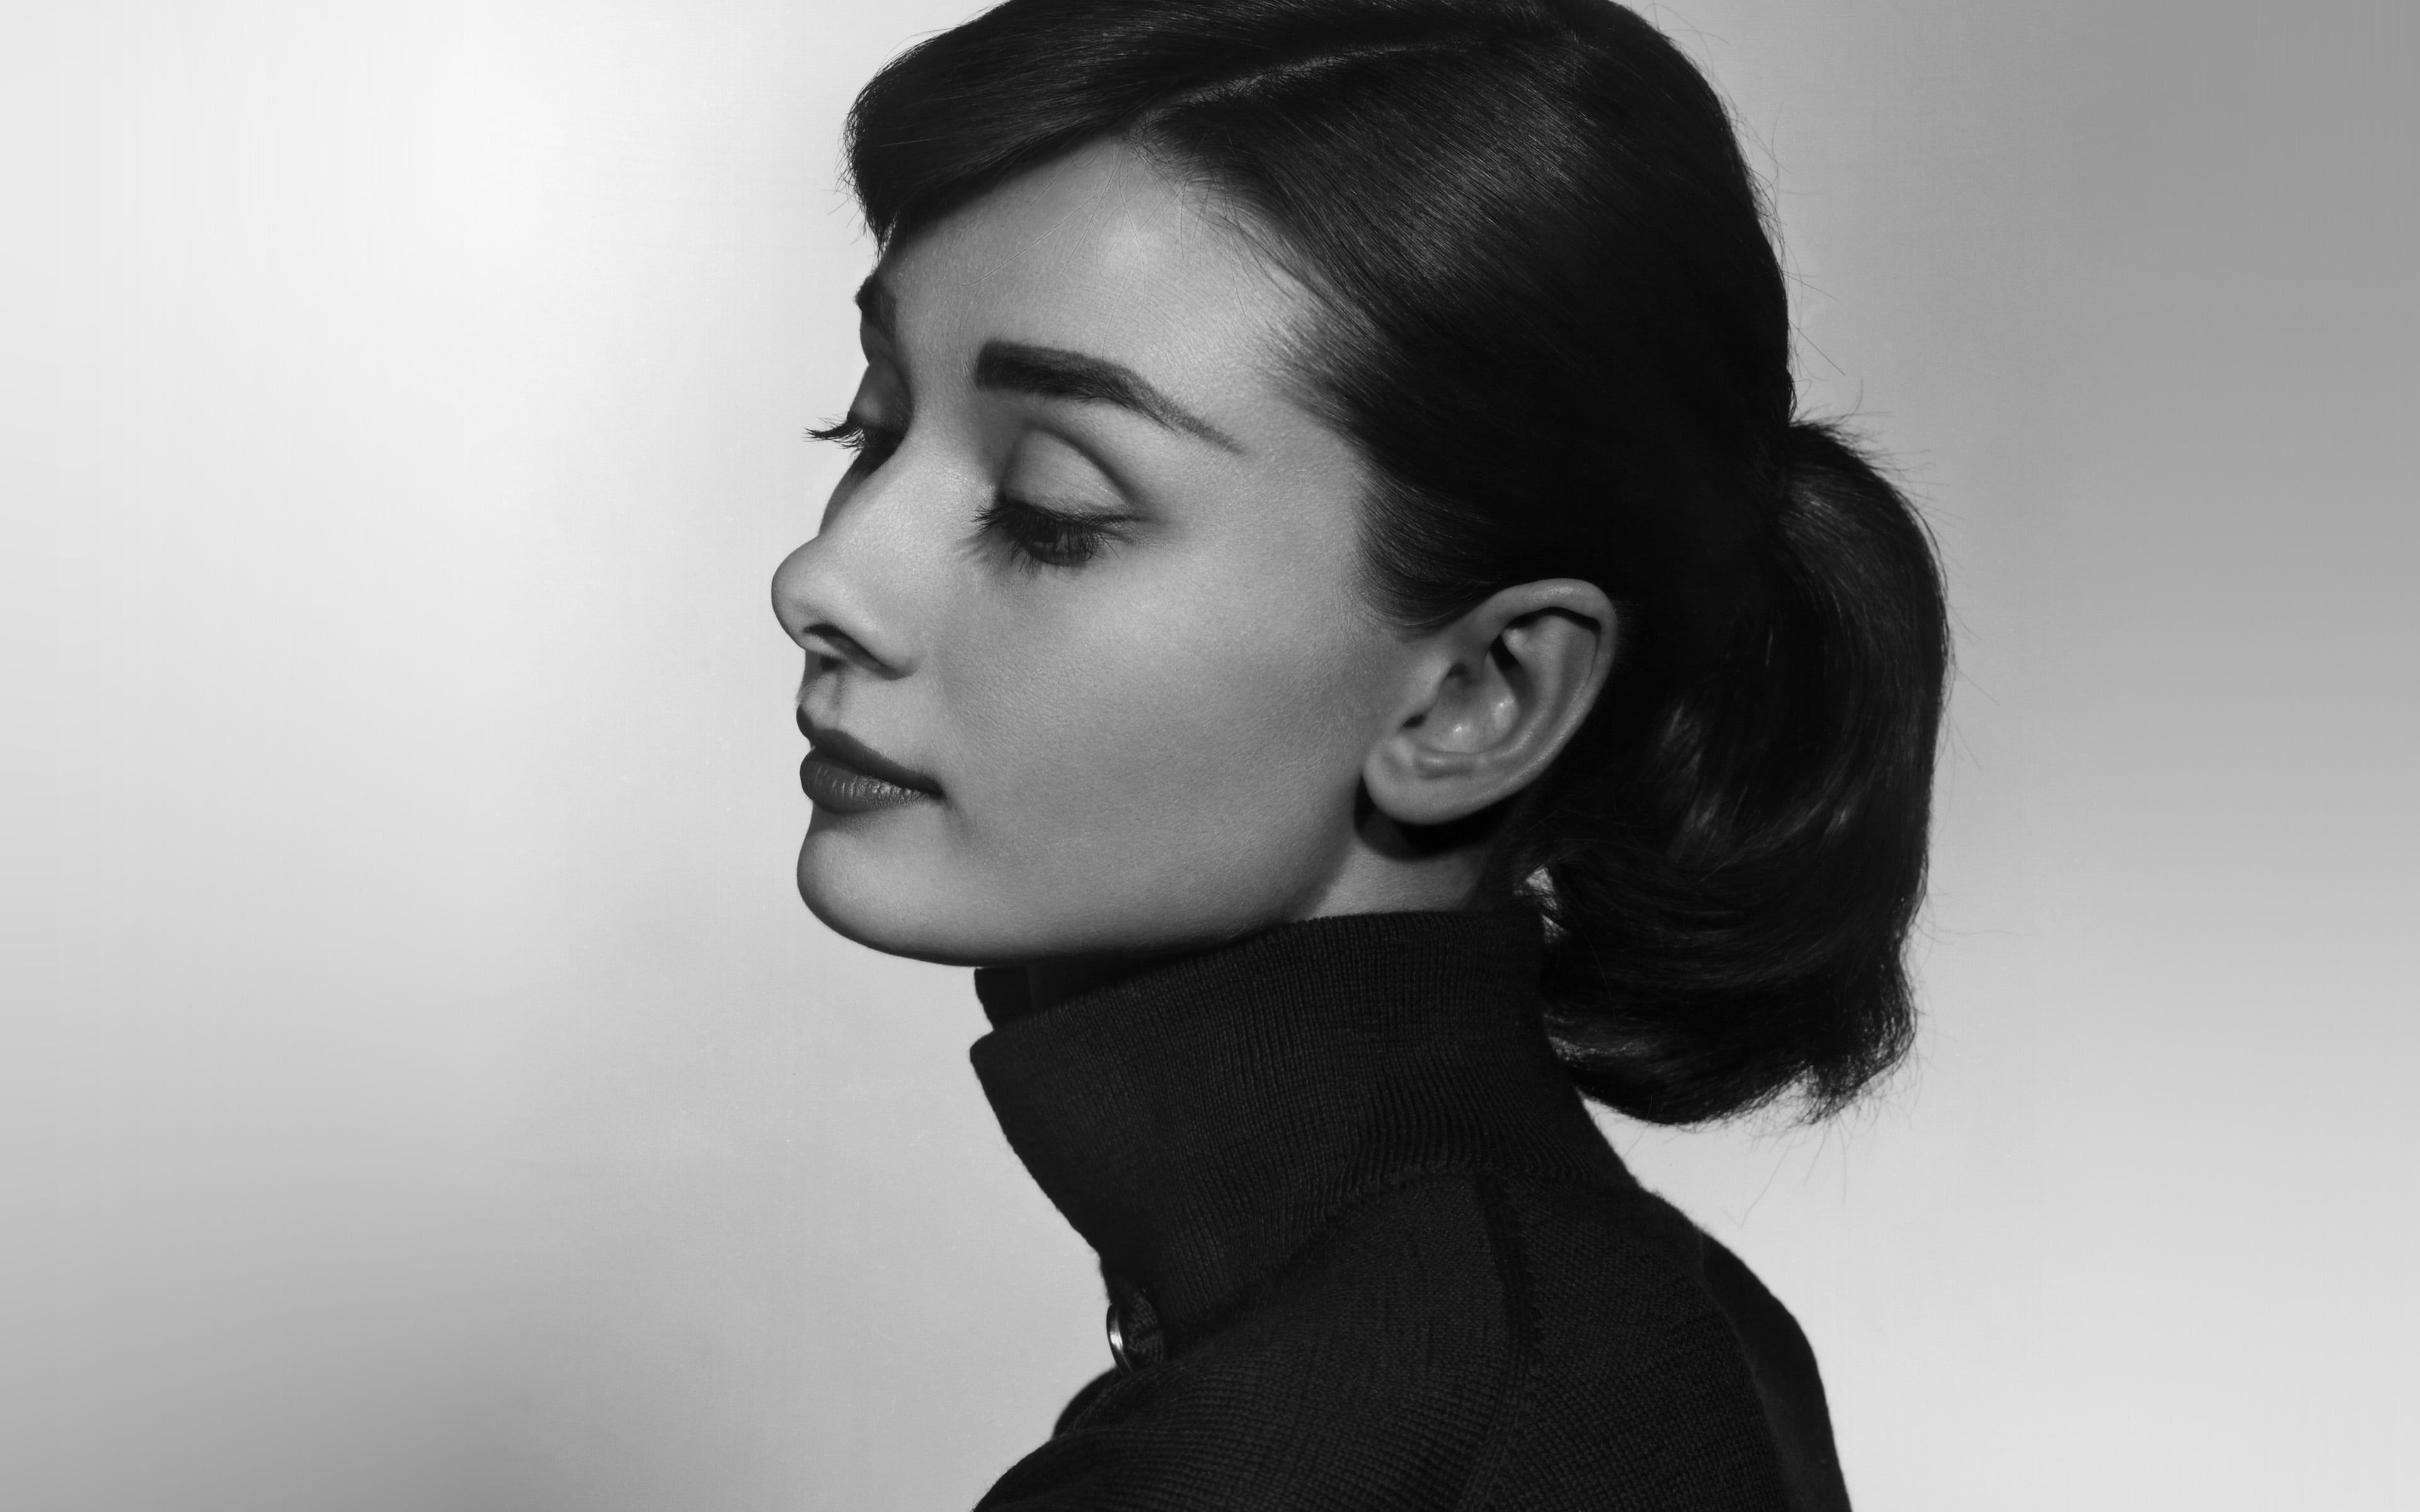 Wallpaper Audrey Hepburn Bw Film Dark Headshot Young In 2021 Beauty Photography Women Audrey Hepburn Hepburn